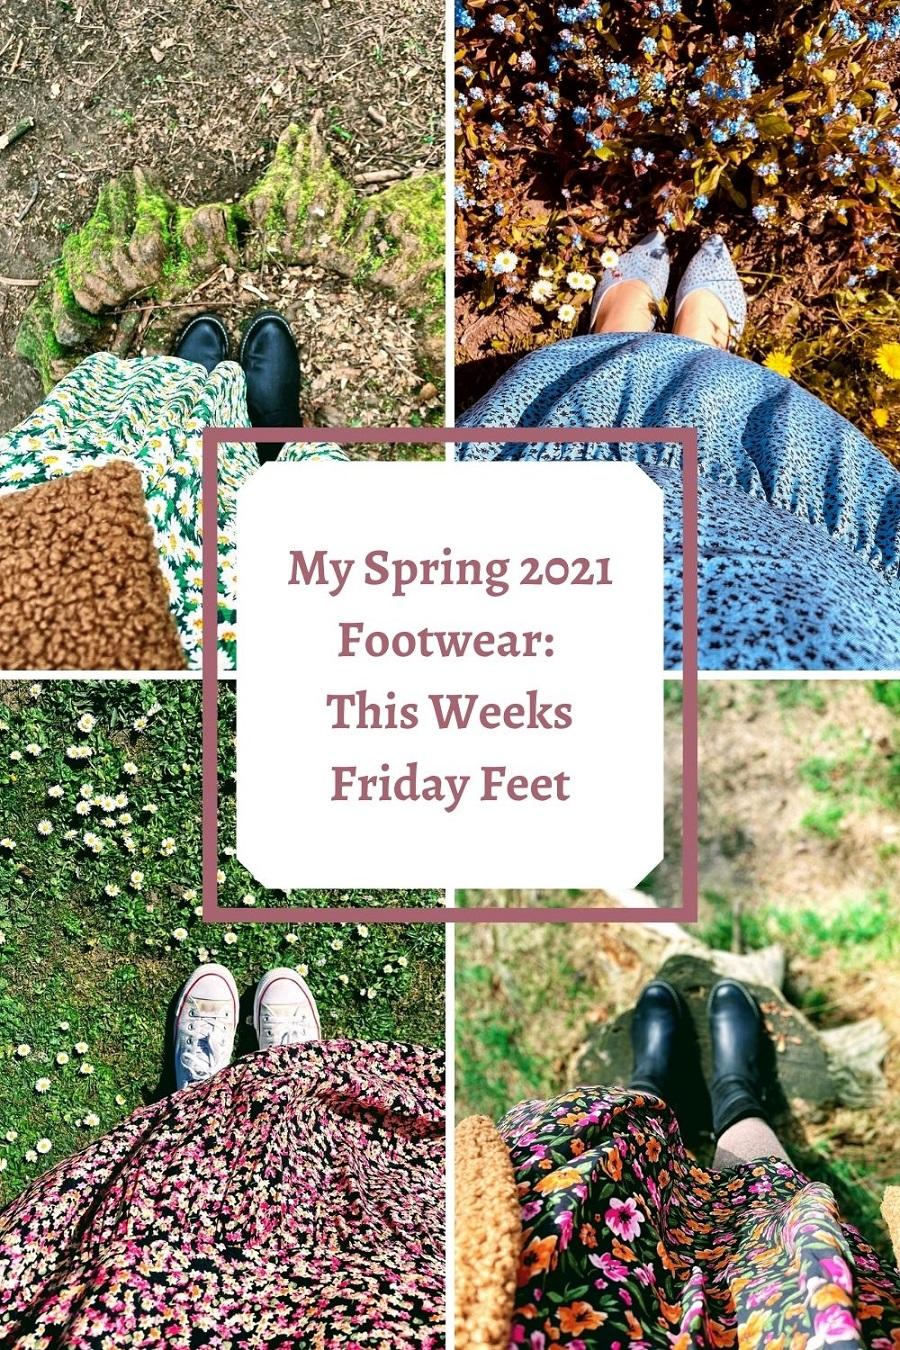 My Spring 2021 Footwear: This Weeks Friday Feet